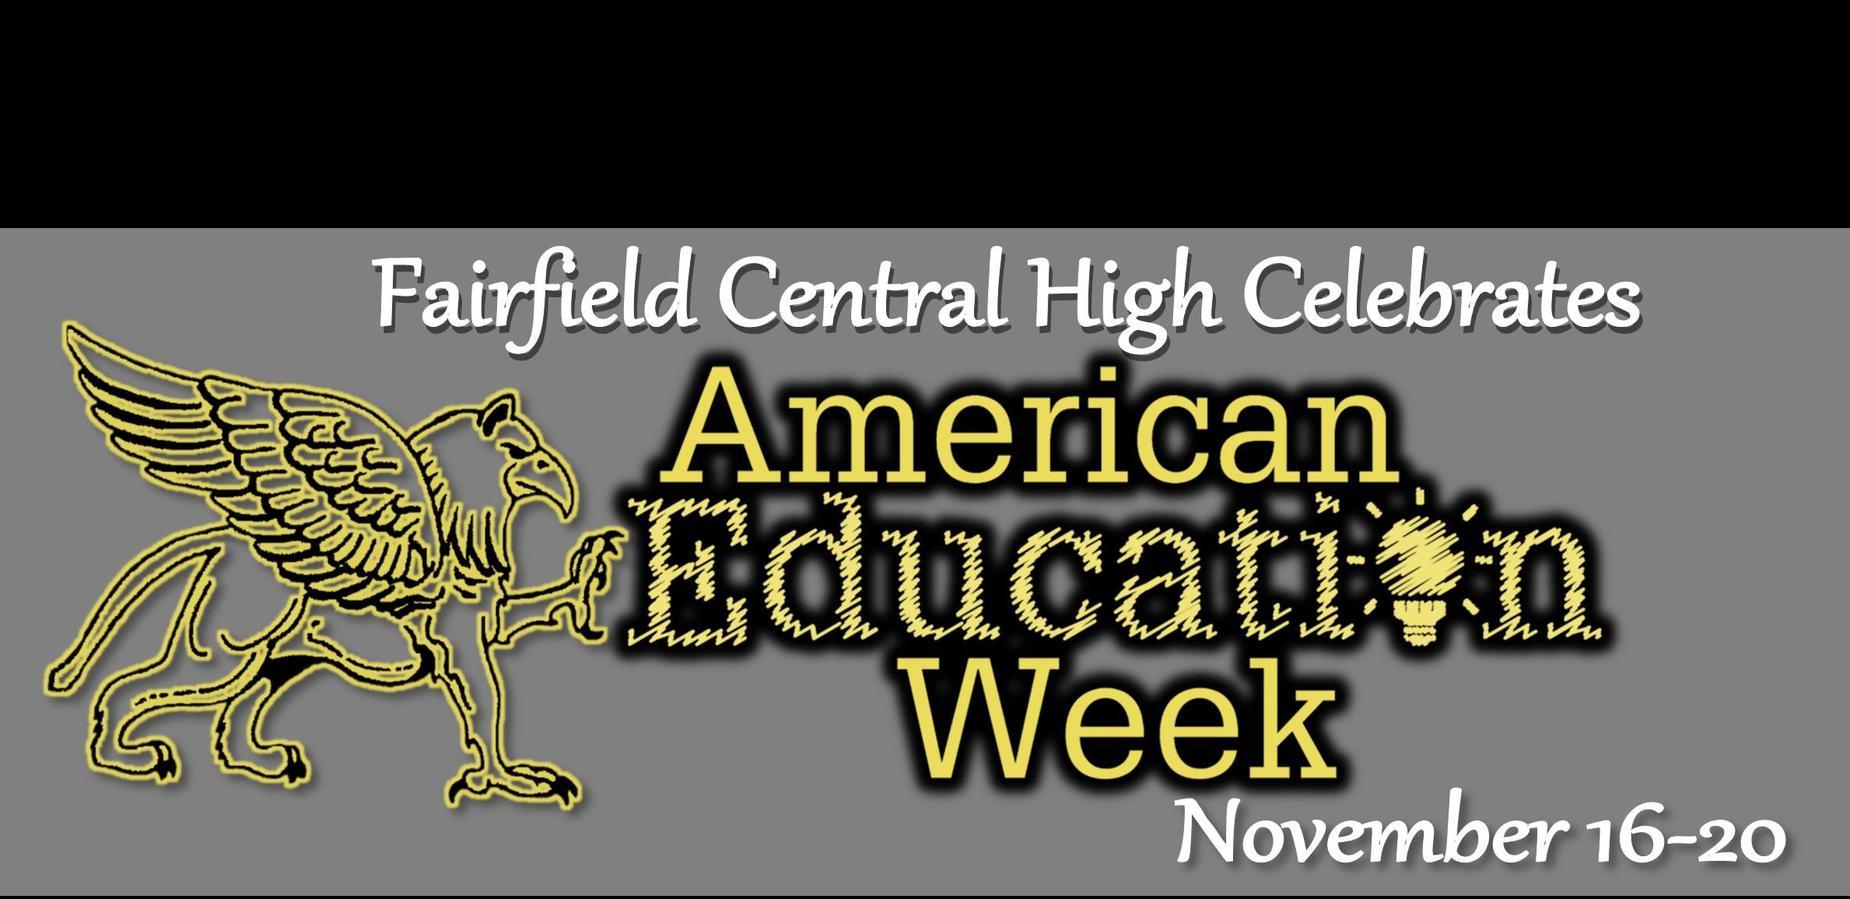 American Education Week Nov 16-20